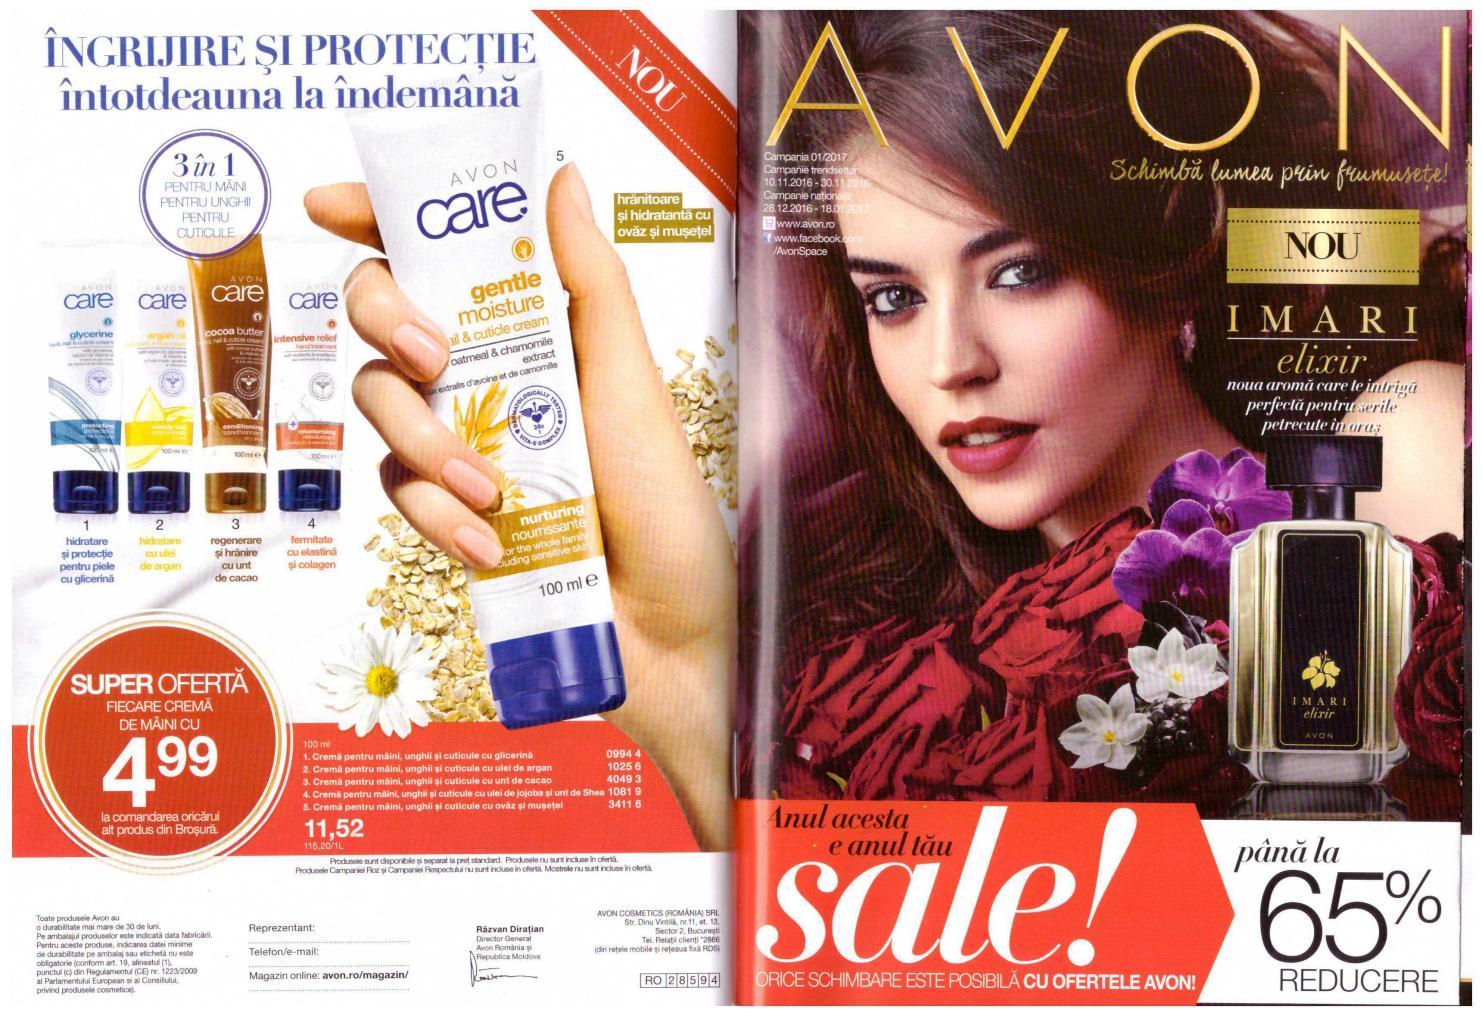 Avon catalogs купить косметику в интернет магазине в беларуси недорого